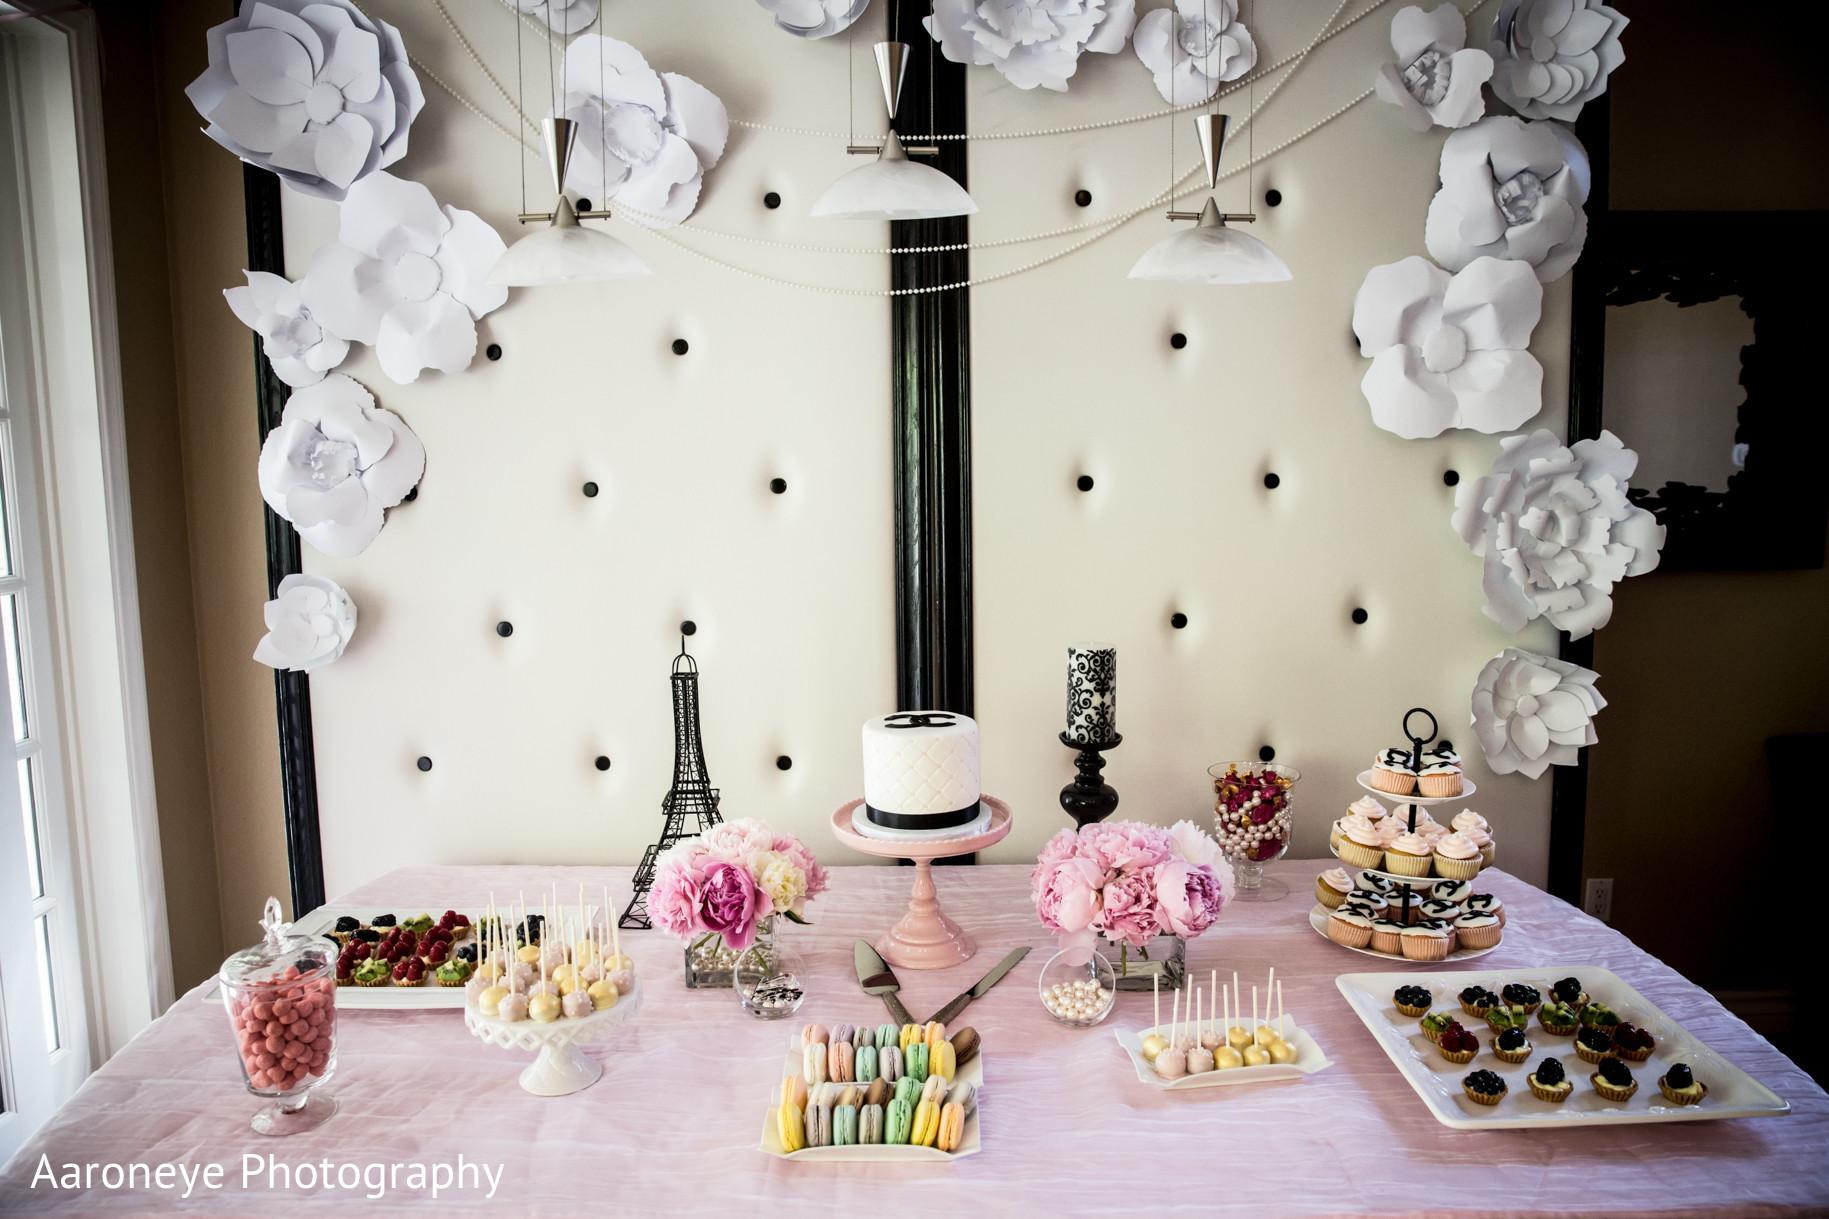 Cakes & Treats   Photo 22328